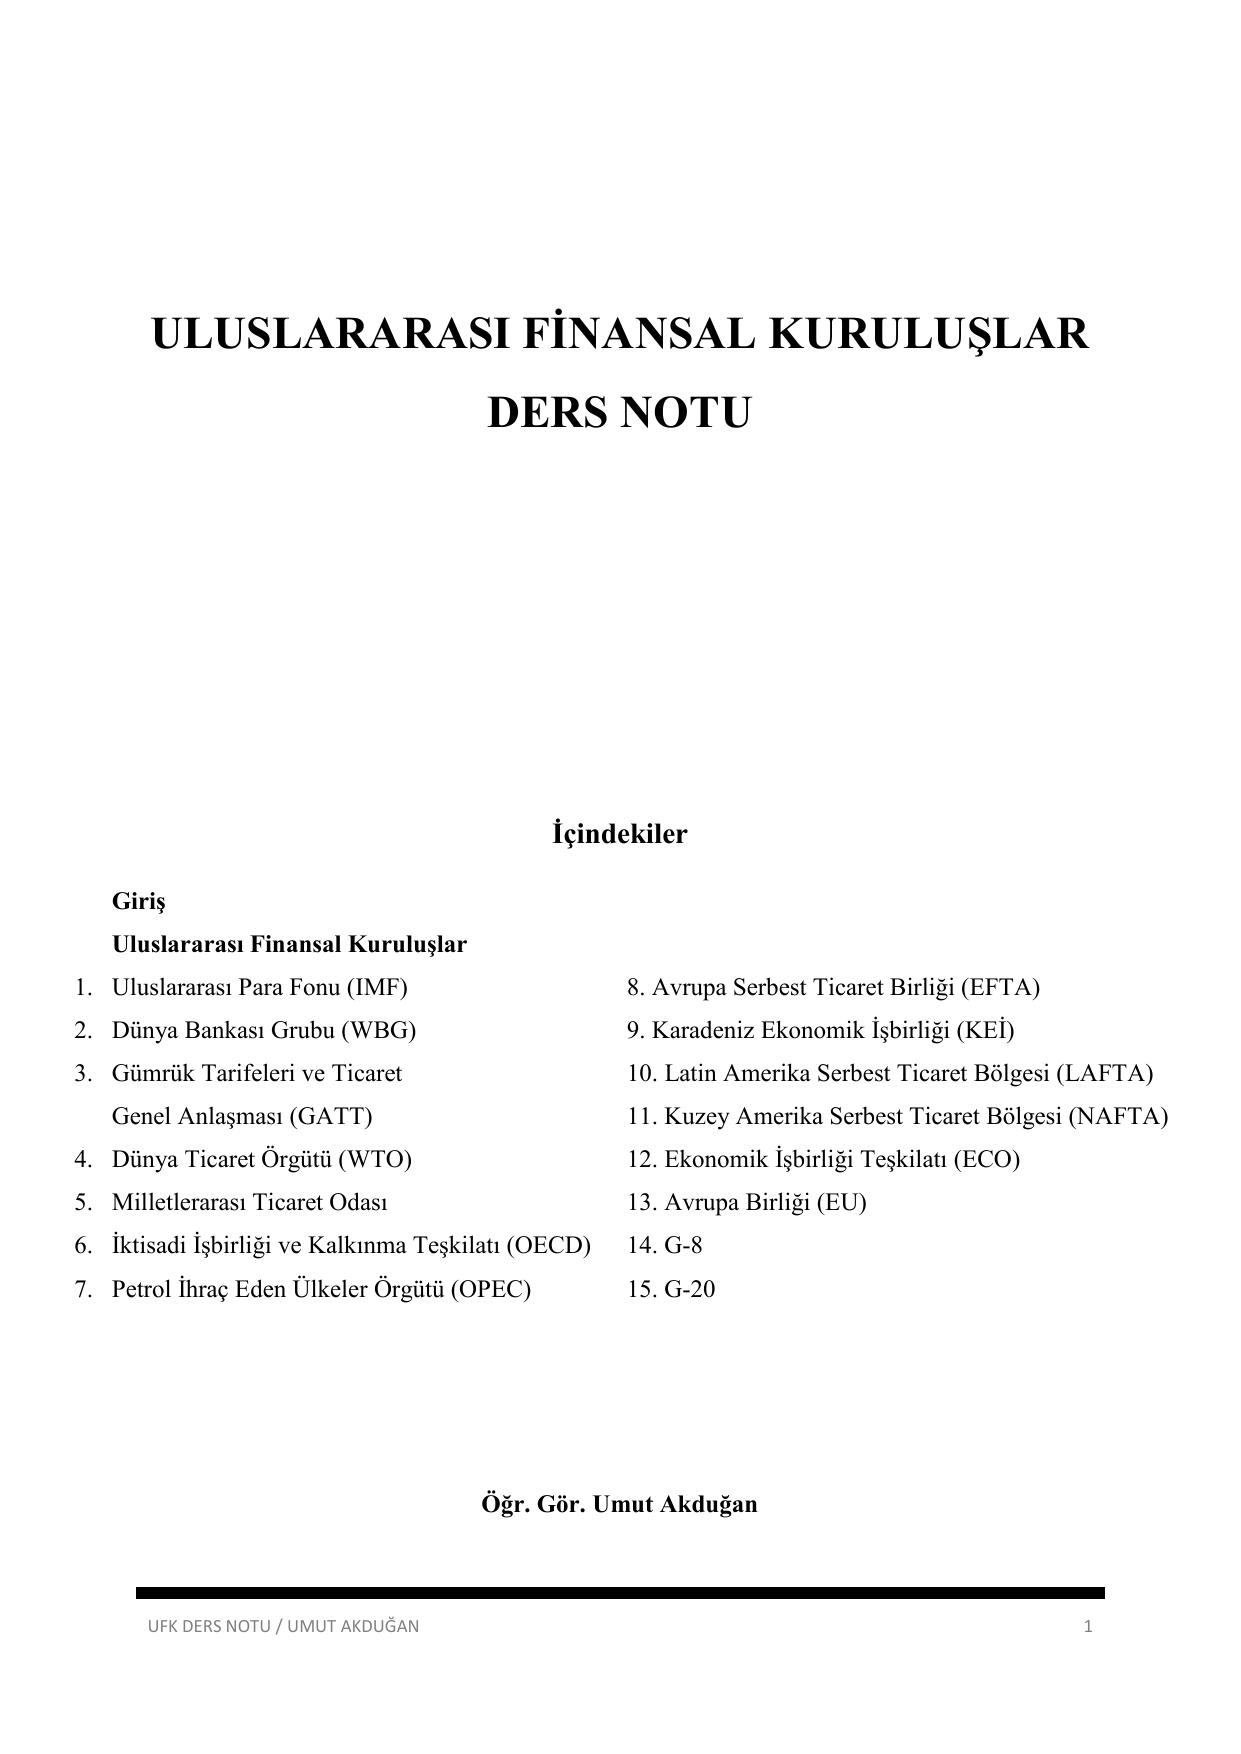 DTÖ üyeliği bağlamında finansal ve ekonomik faaliyetler